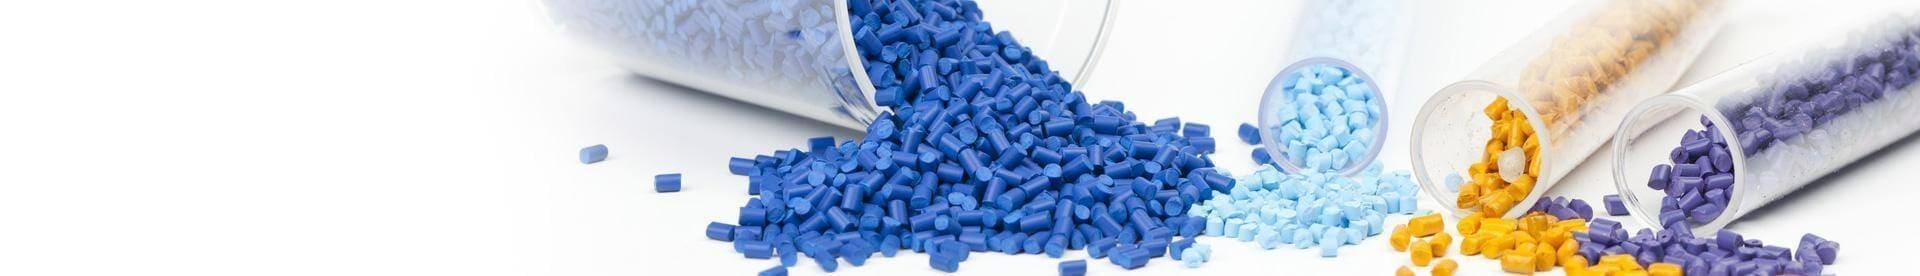 Wtórplast Recykling - baner - kolorowe materiały wtórne